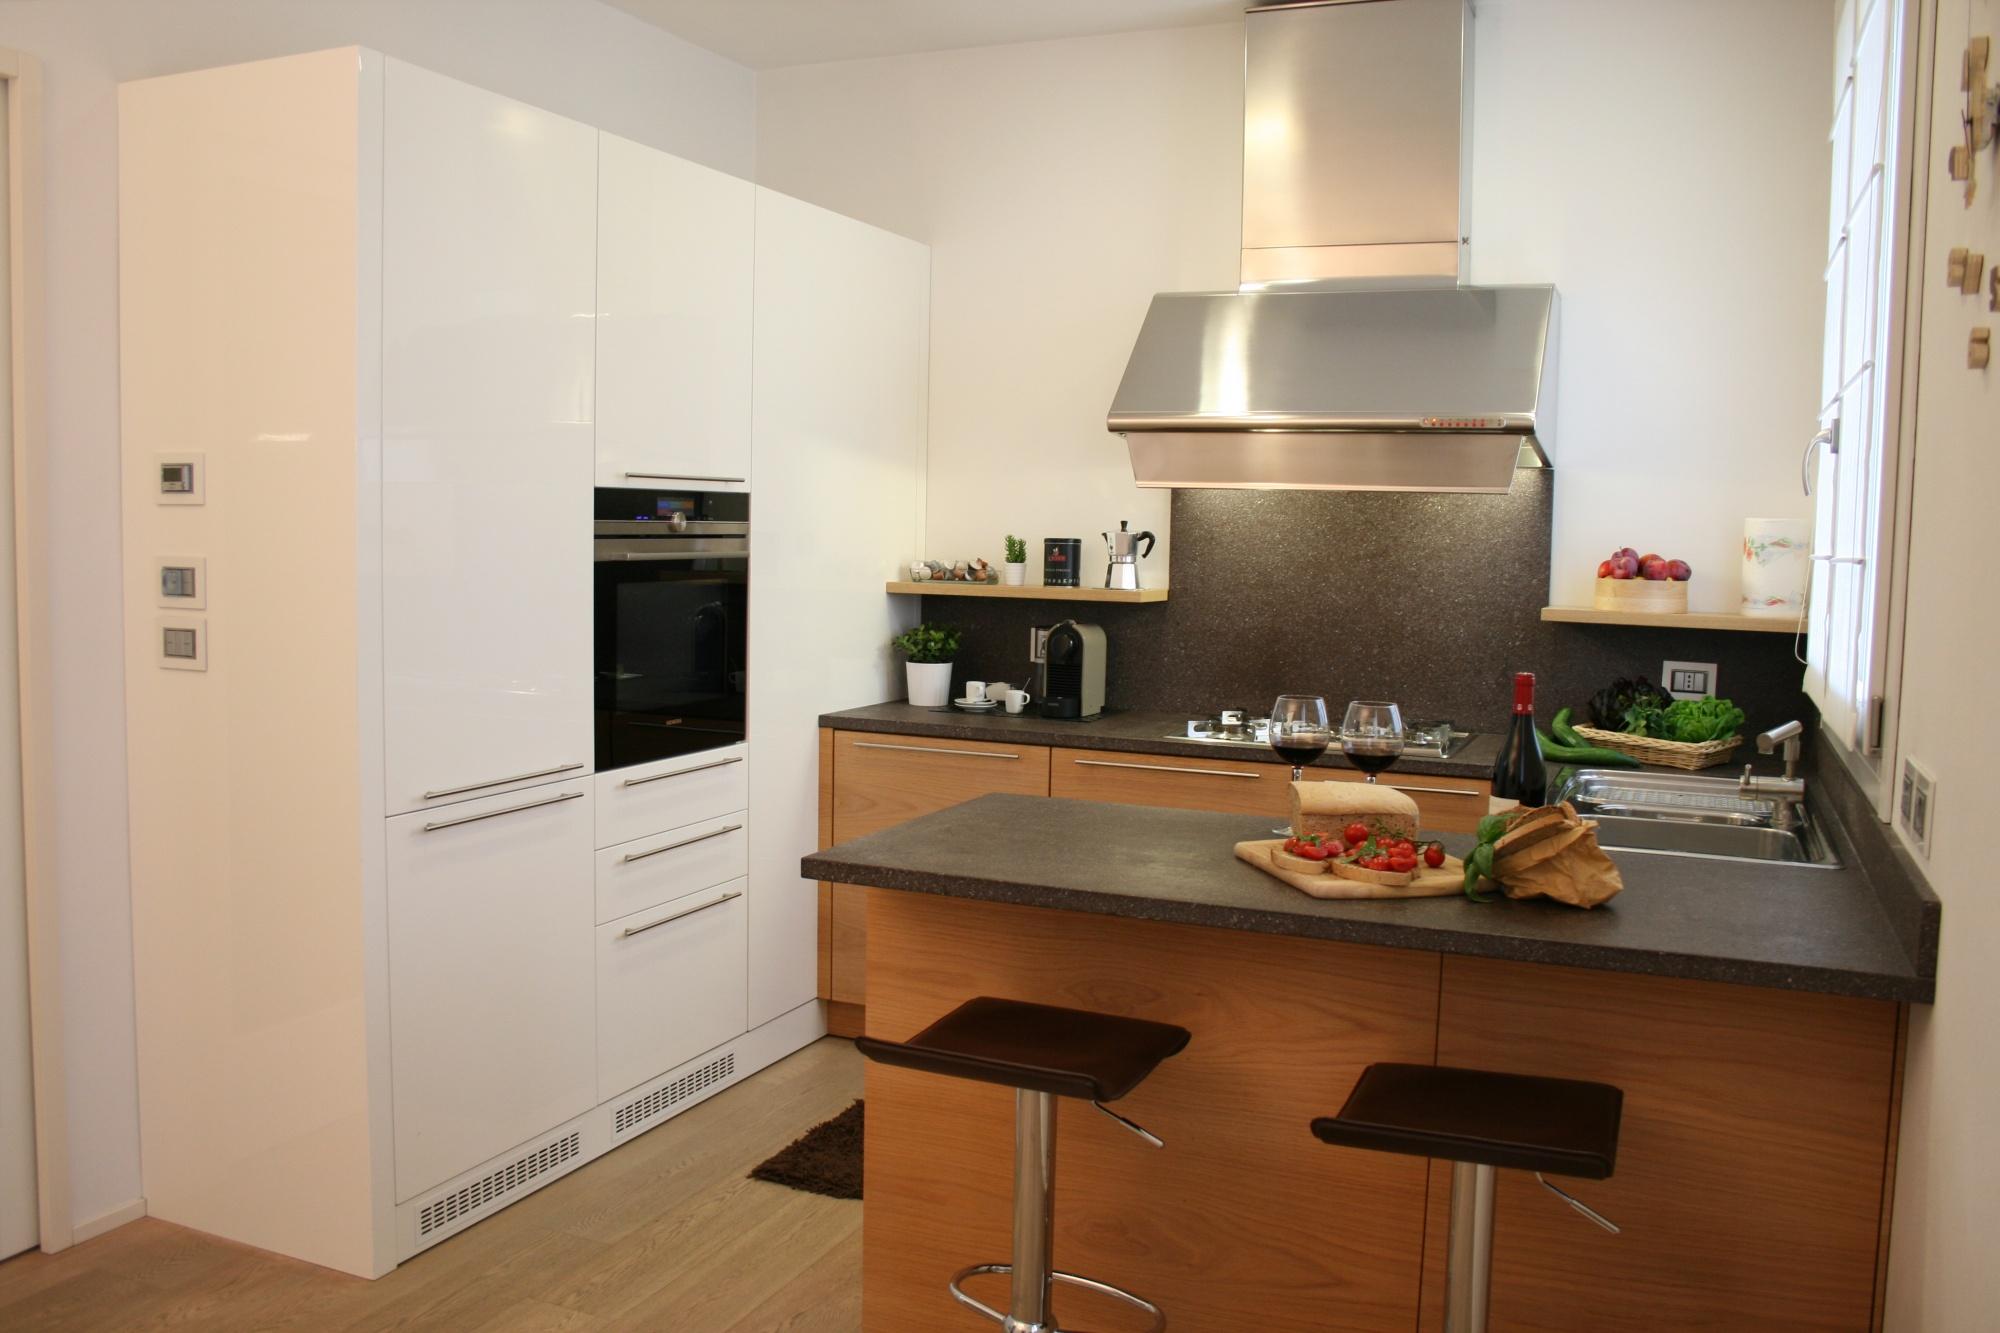 cucina moderna bicolore in rovere e bianco lucido a rimini On cucina moderna bicolore